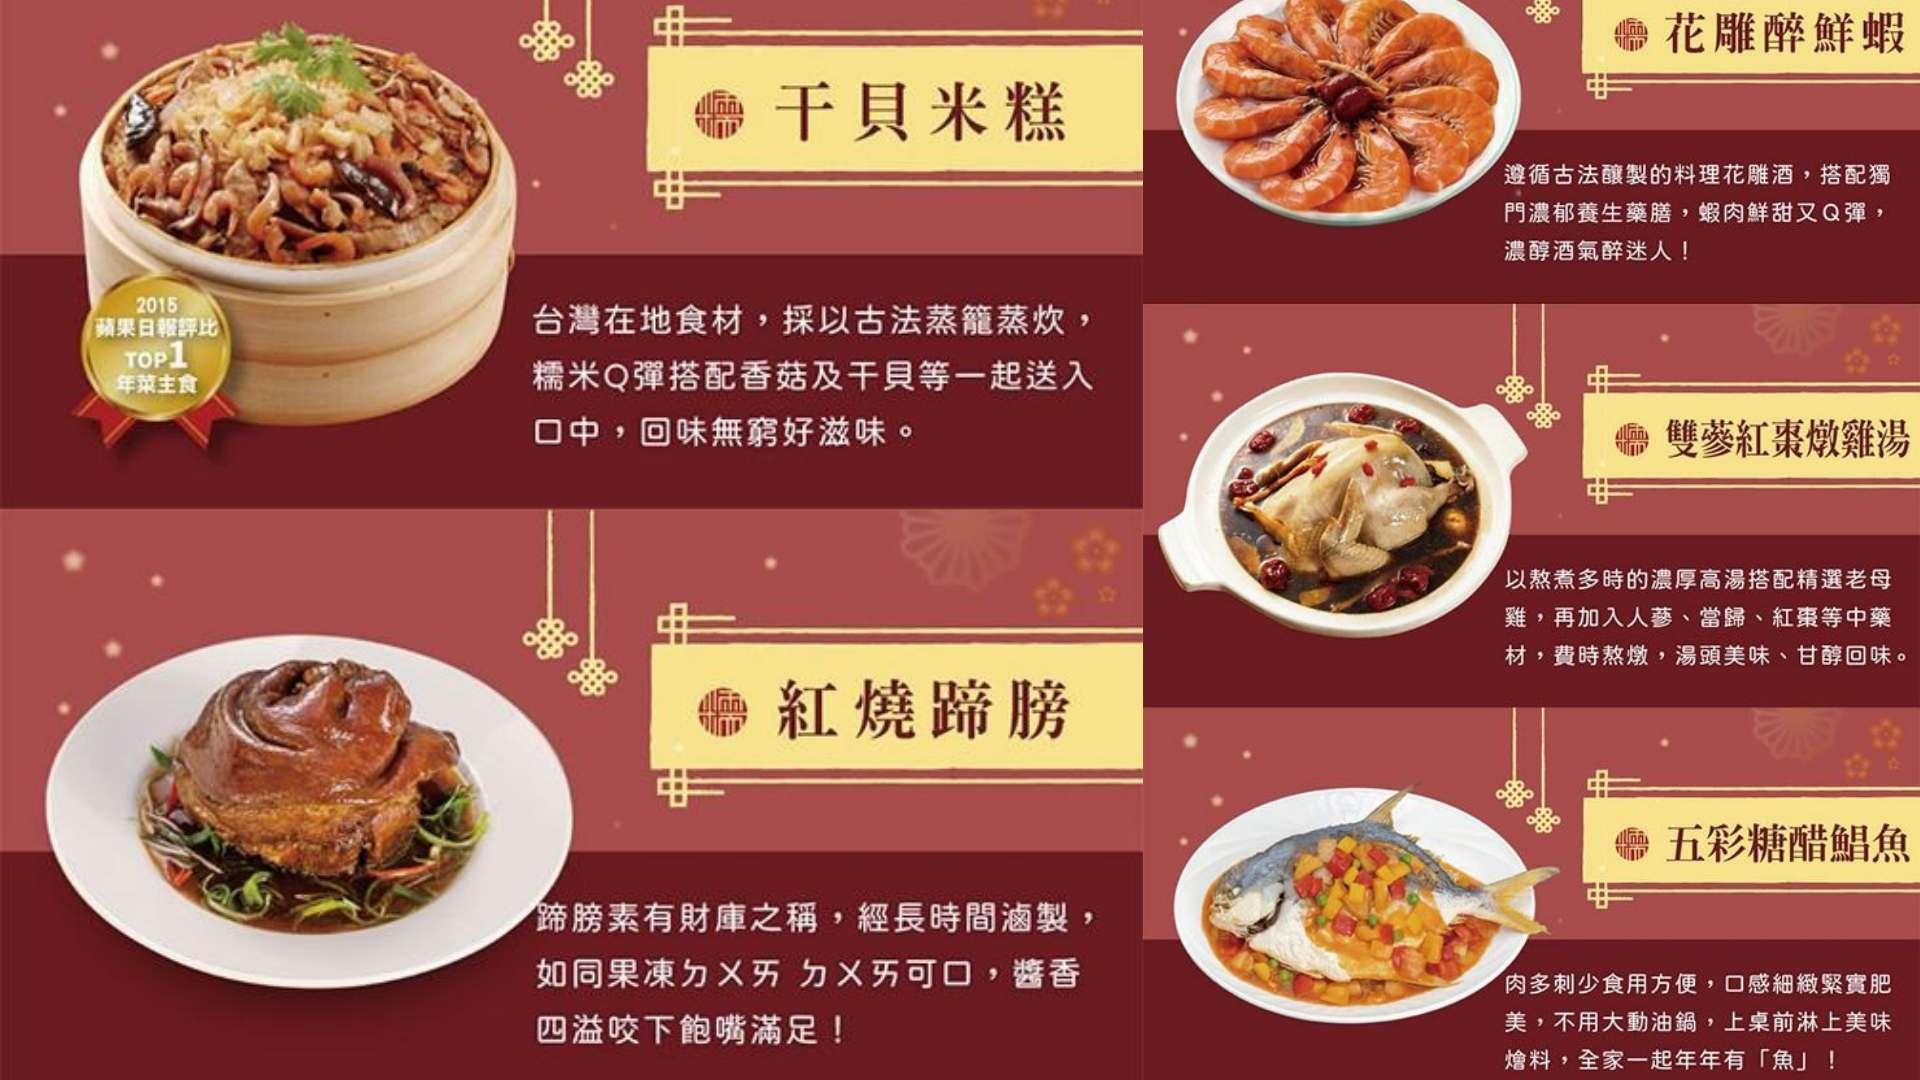 多道美味的年菜,一次滿足全家人的胃!